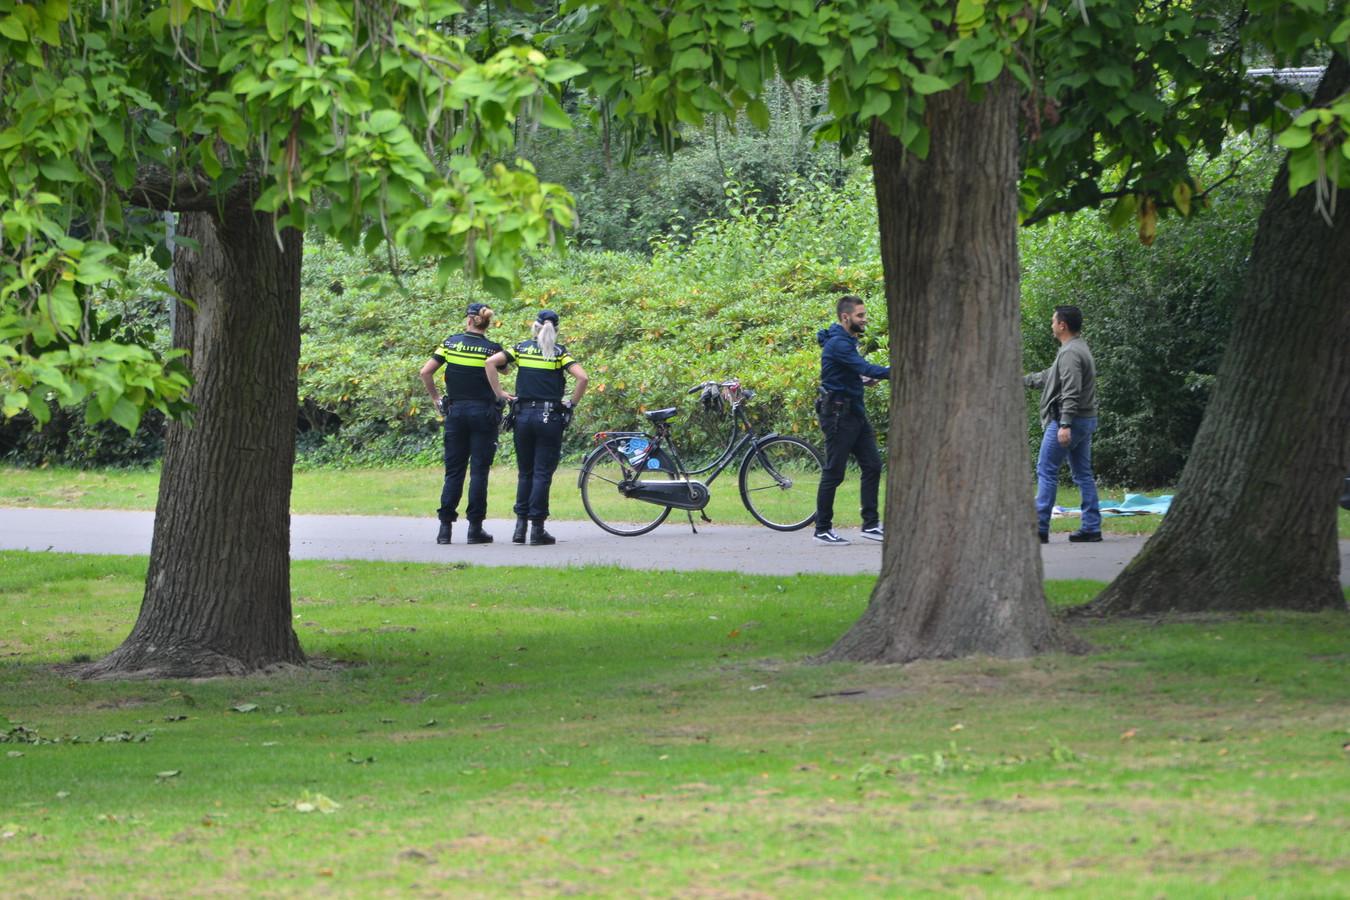 Onderzoek na de laatste verkrachting in het Van Sonsbeeckpark in 2017, de politie treft onder meer de fiets van het slachtoffer aan en enkele kledingstukken.